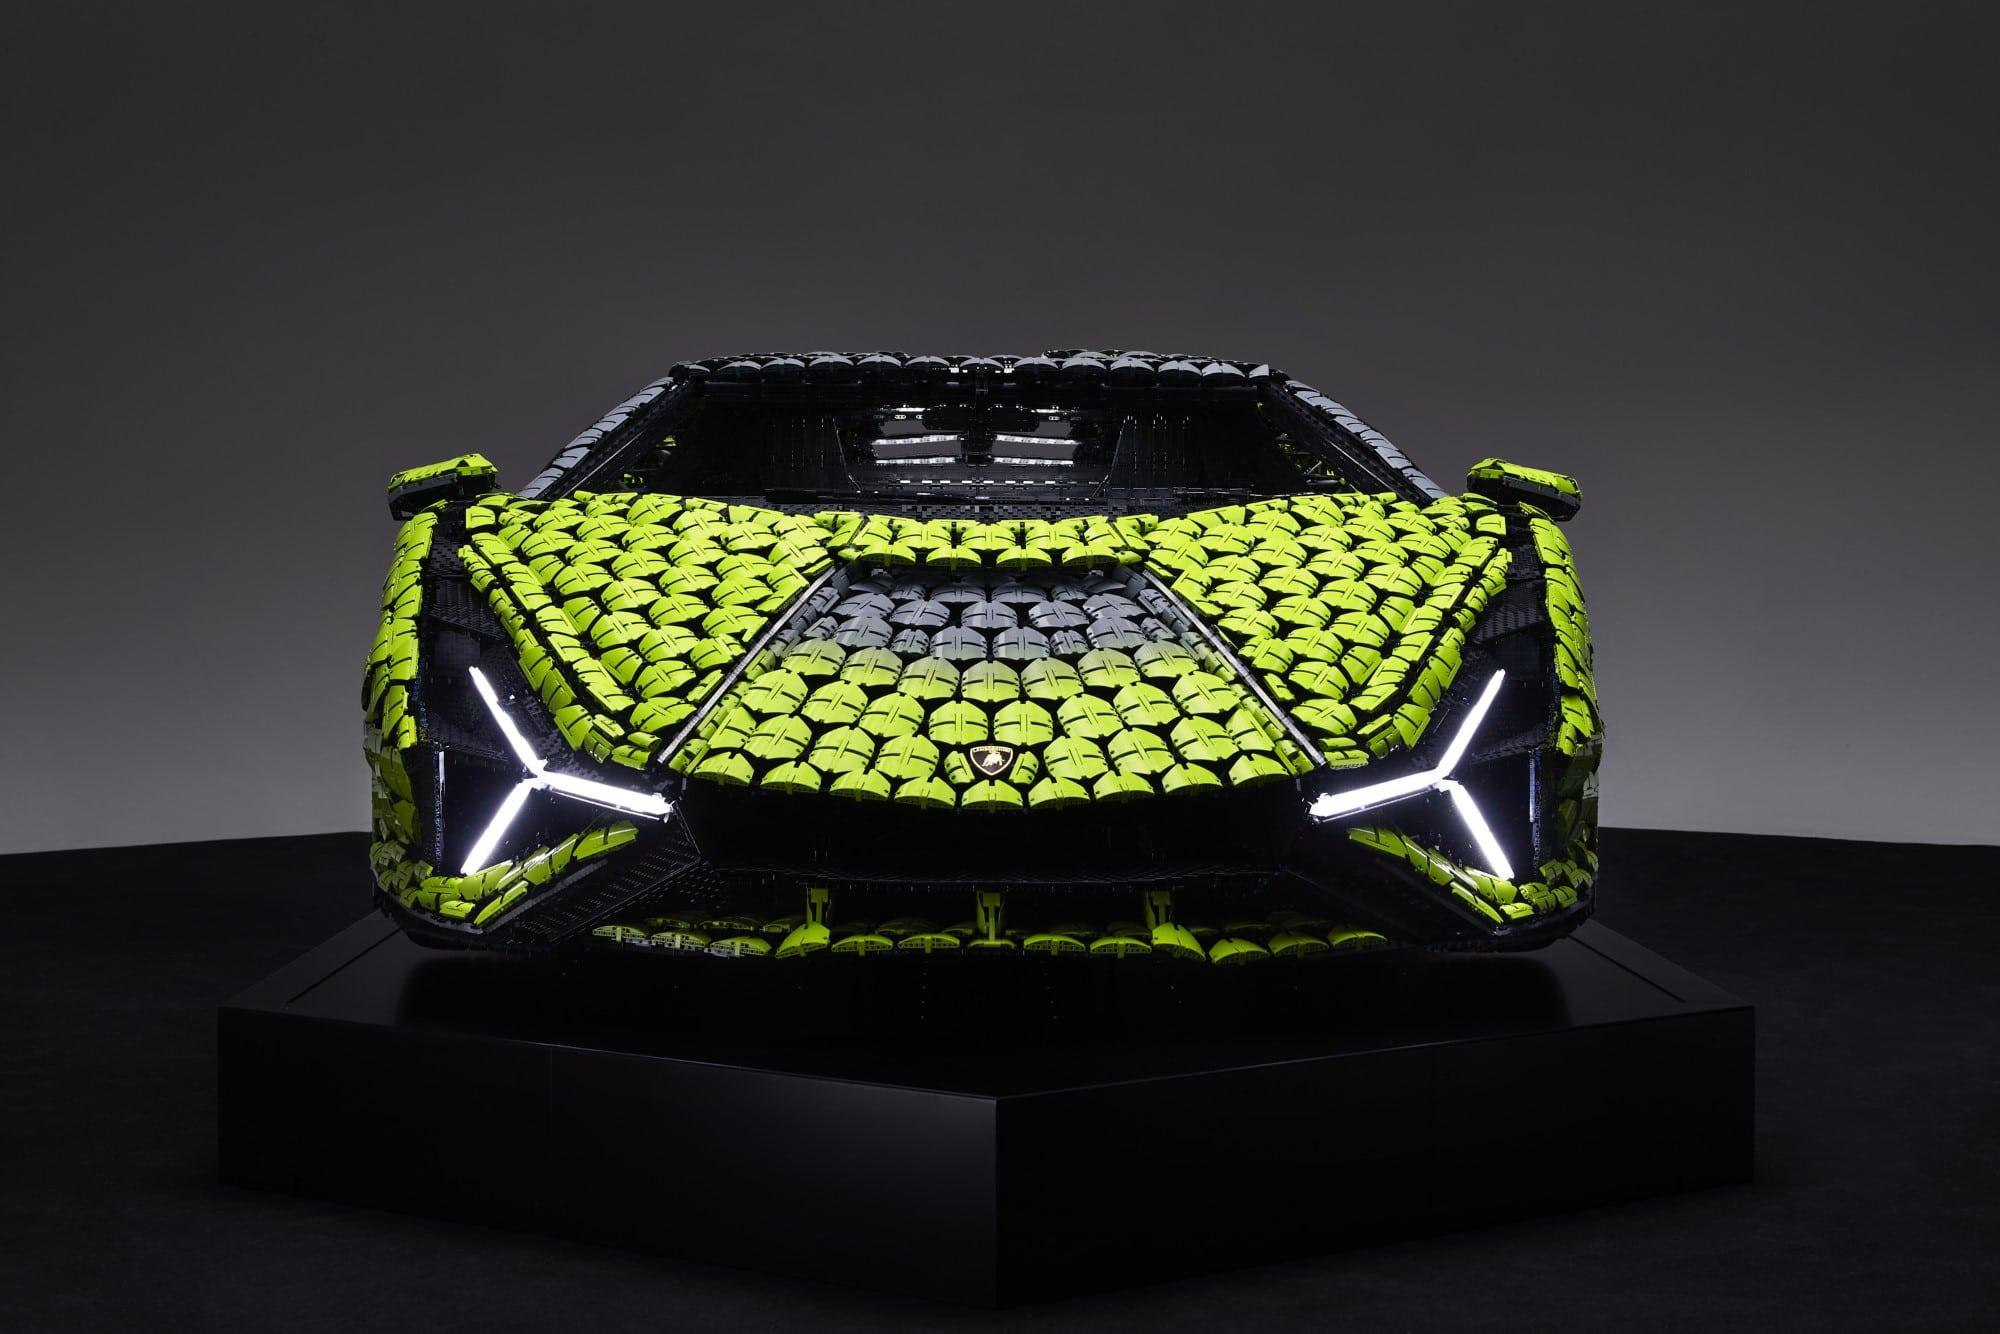 Life Size LEGO Technic Lamborghini Sian Fkp 37 (20)